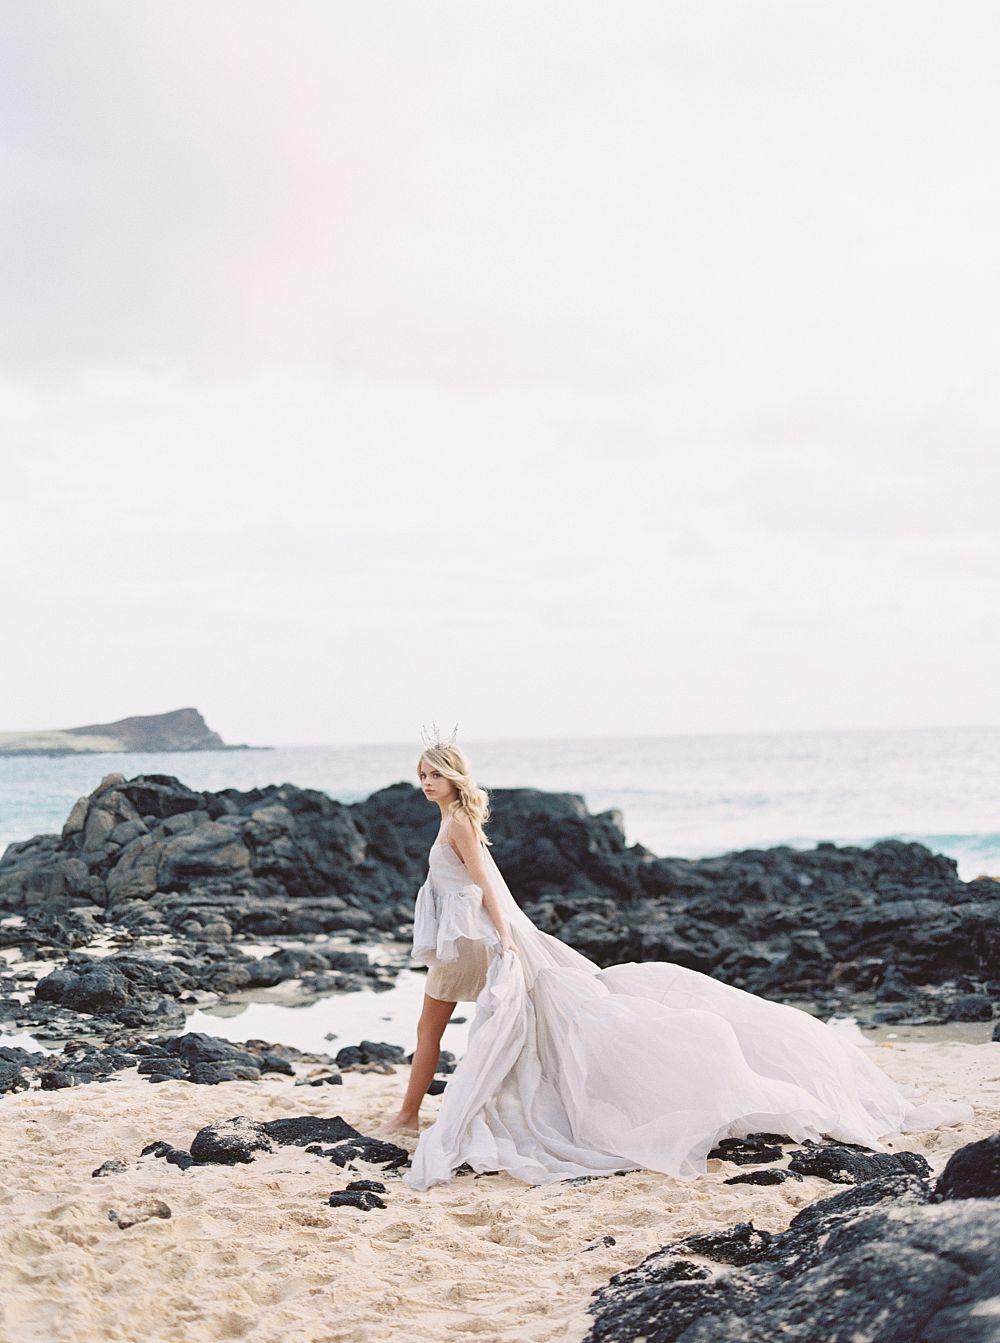 Alice_Ahn_Photography_2-1.jpg